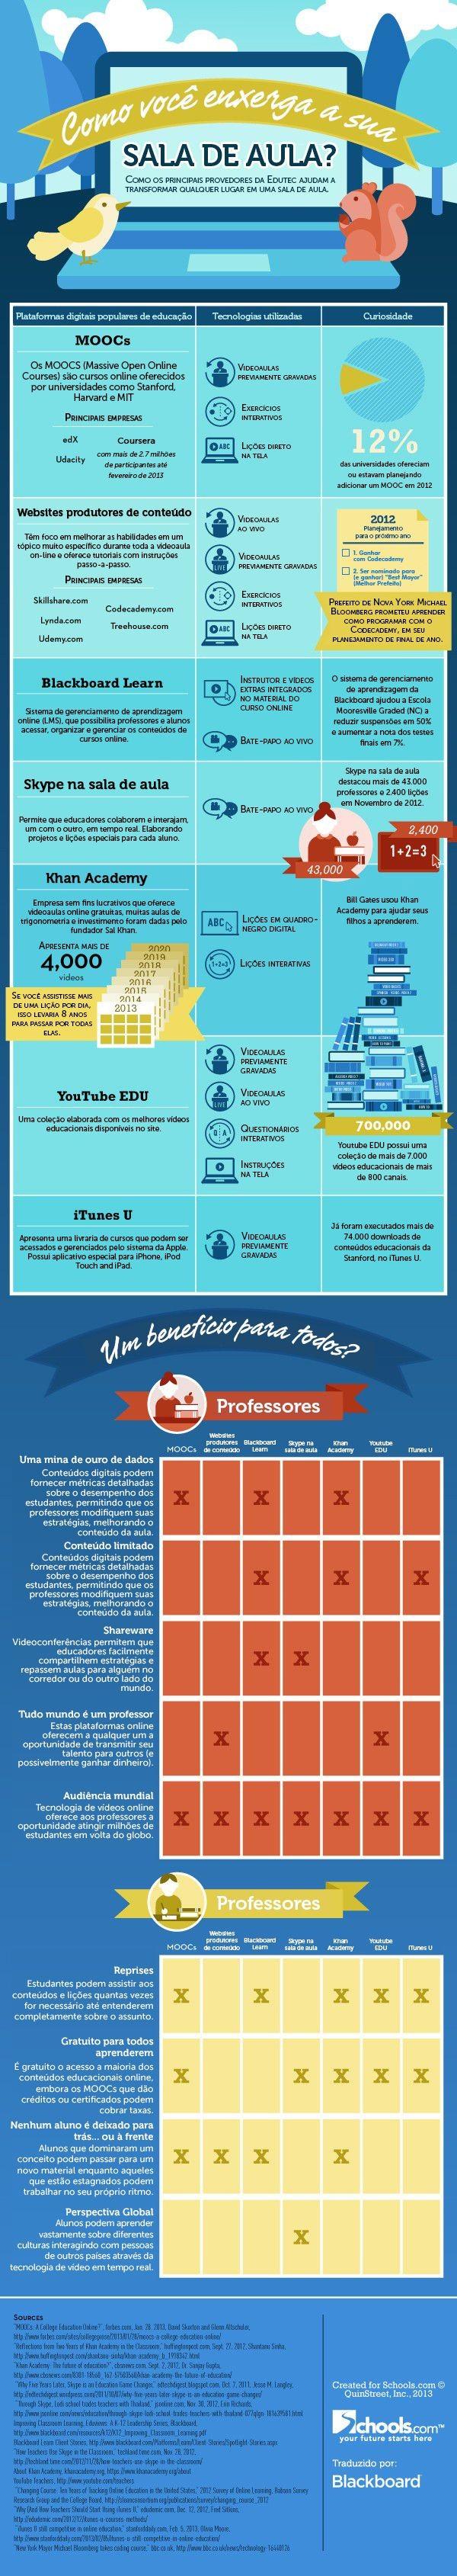 o as 7 plataformas de tecnologia na educa§£o est£o mudando o aprendizado Infografico